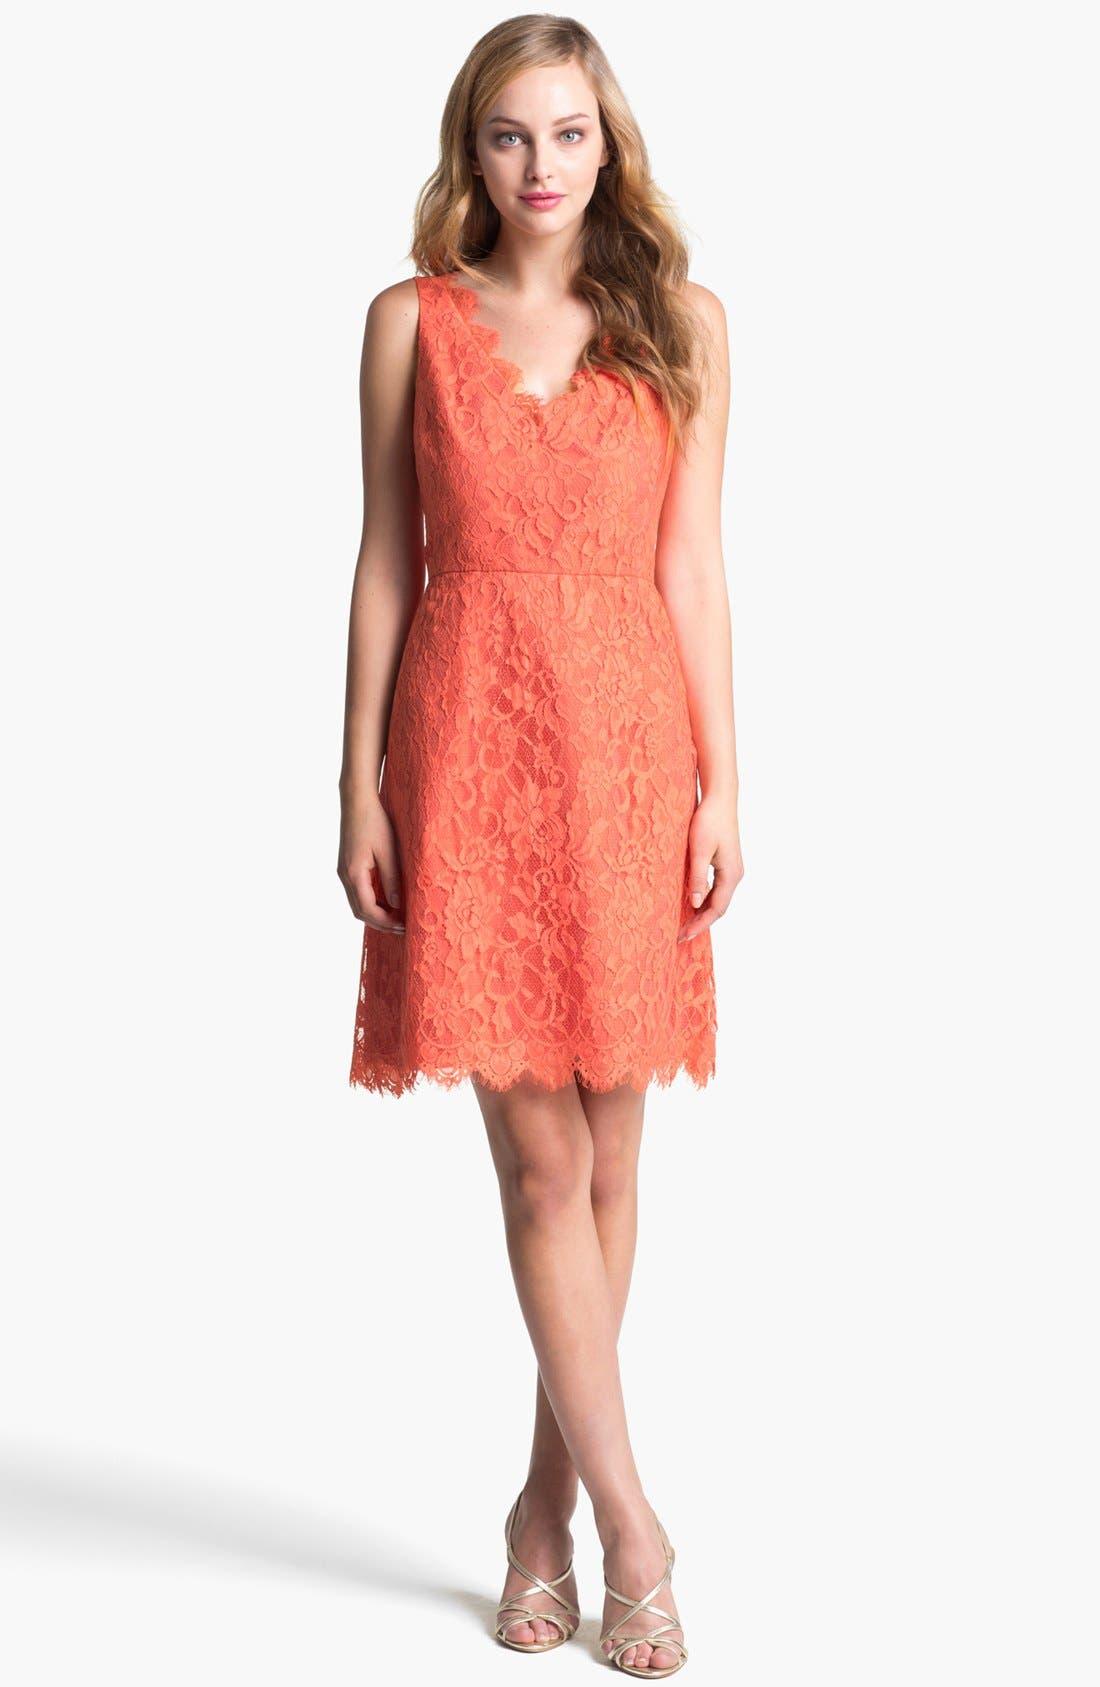 Main Image - ML Monique Lhuillier Lace Fit & Flare Dress